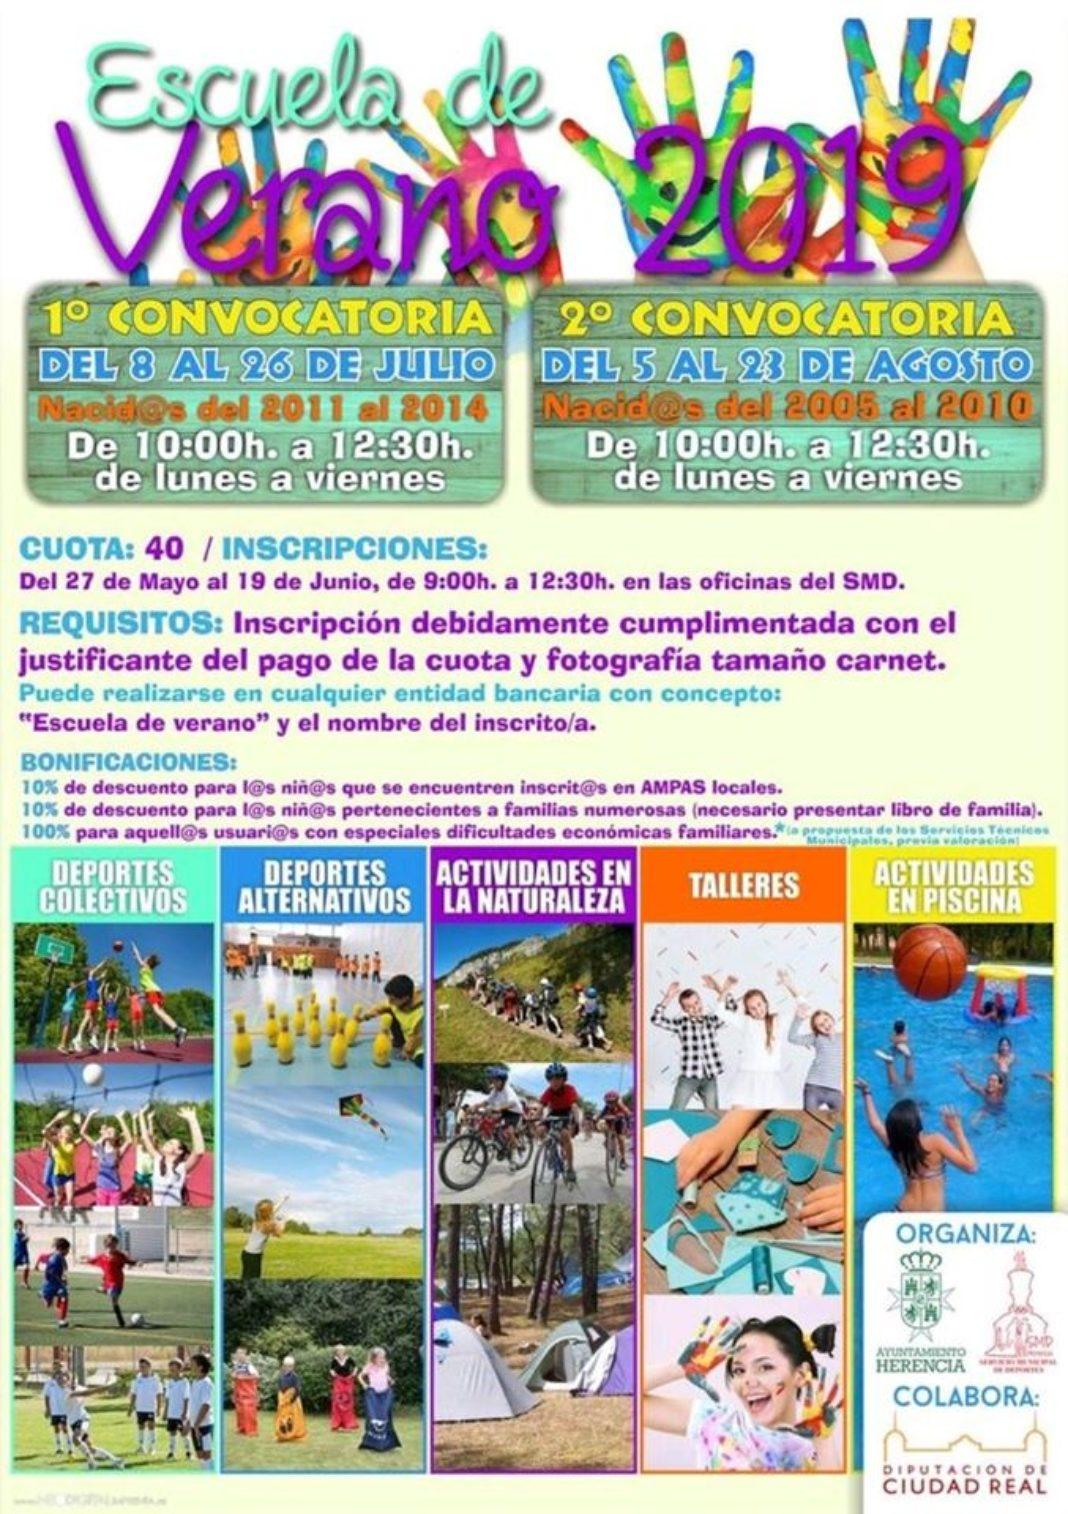 Escuela de Verano de Herencia 1068x1514 - La Escuela de Verano abre inscripciones para facilitar la conciliación familiar durante las vacaciones